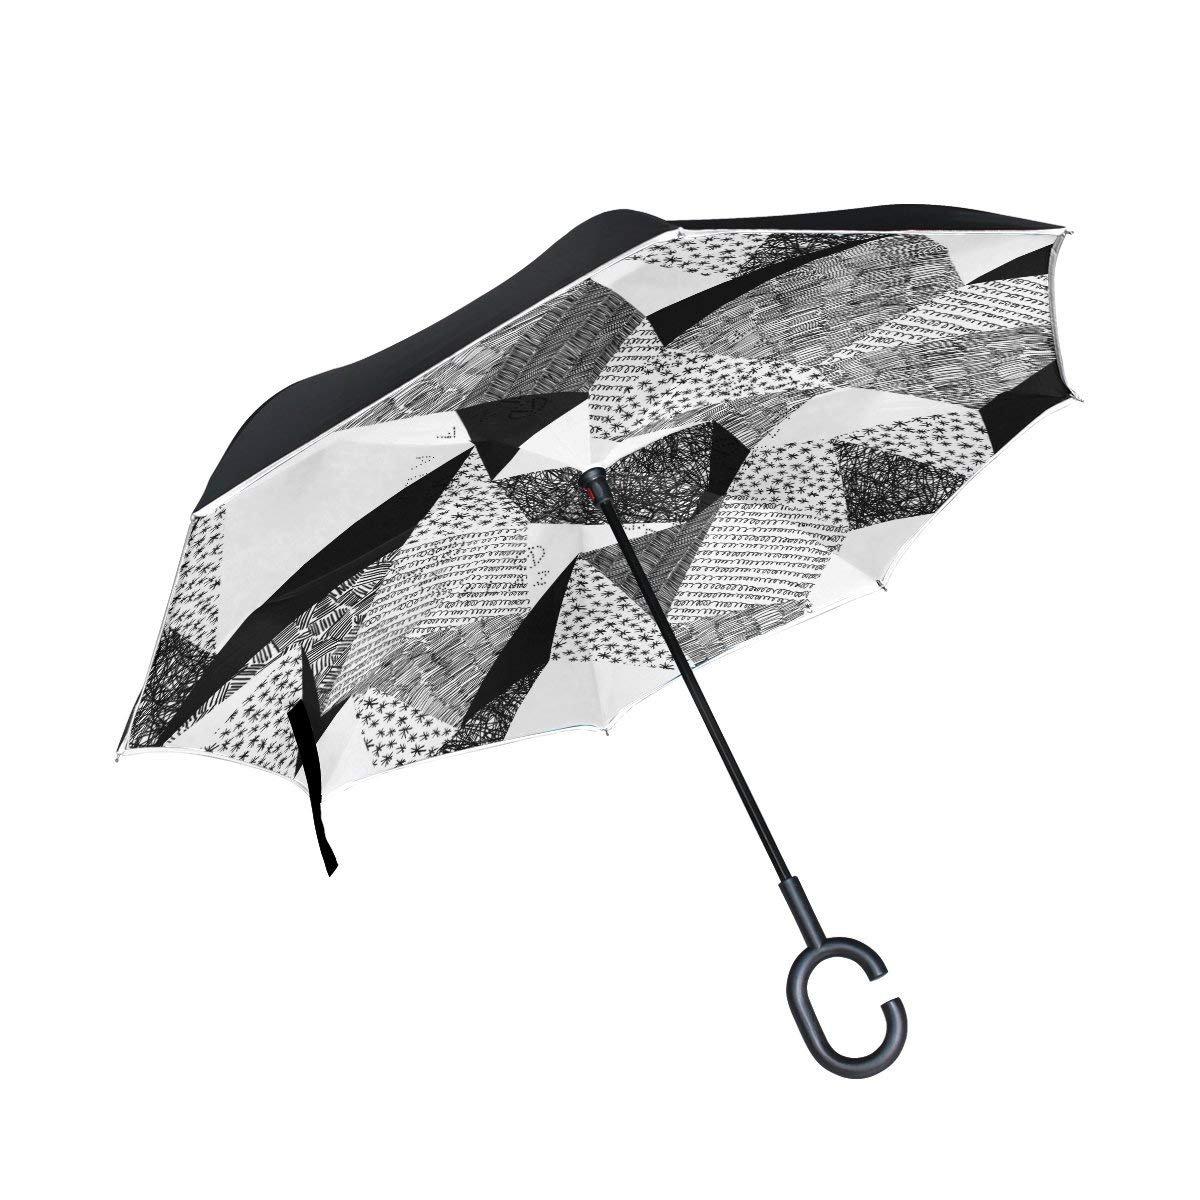 All agree 反転傘 フラミンゴの花の葉 防風 車 雨 アウトドア One Size カラー4 B07GBQ3P17